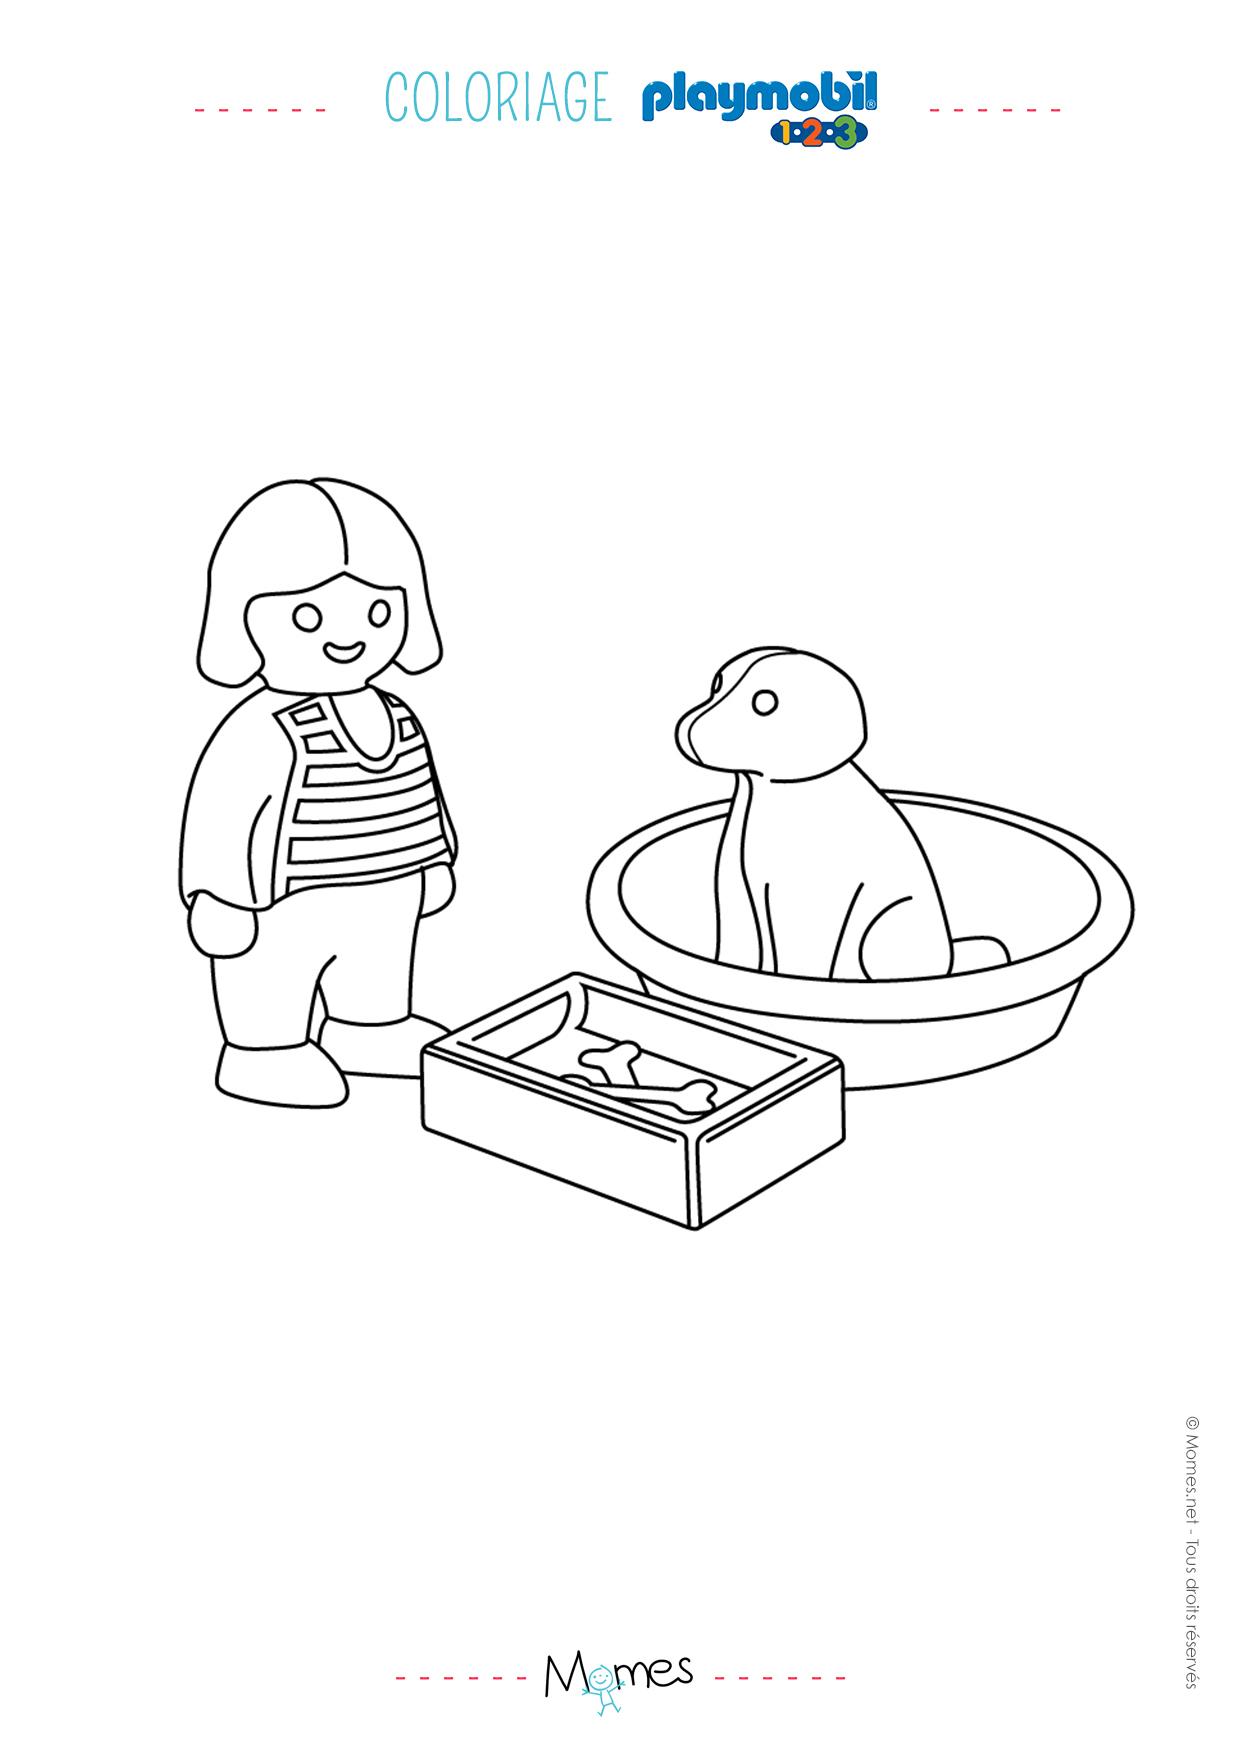 Coloriage la petite fille et son chien playmobil 123 - Coloriages imprimer ...